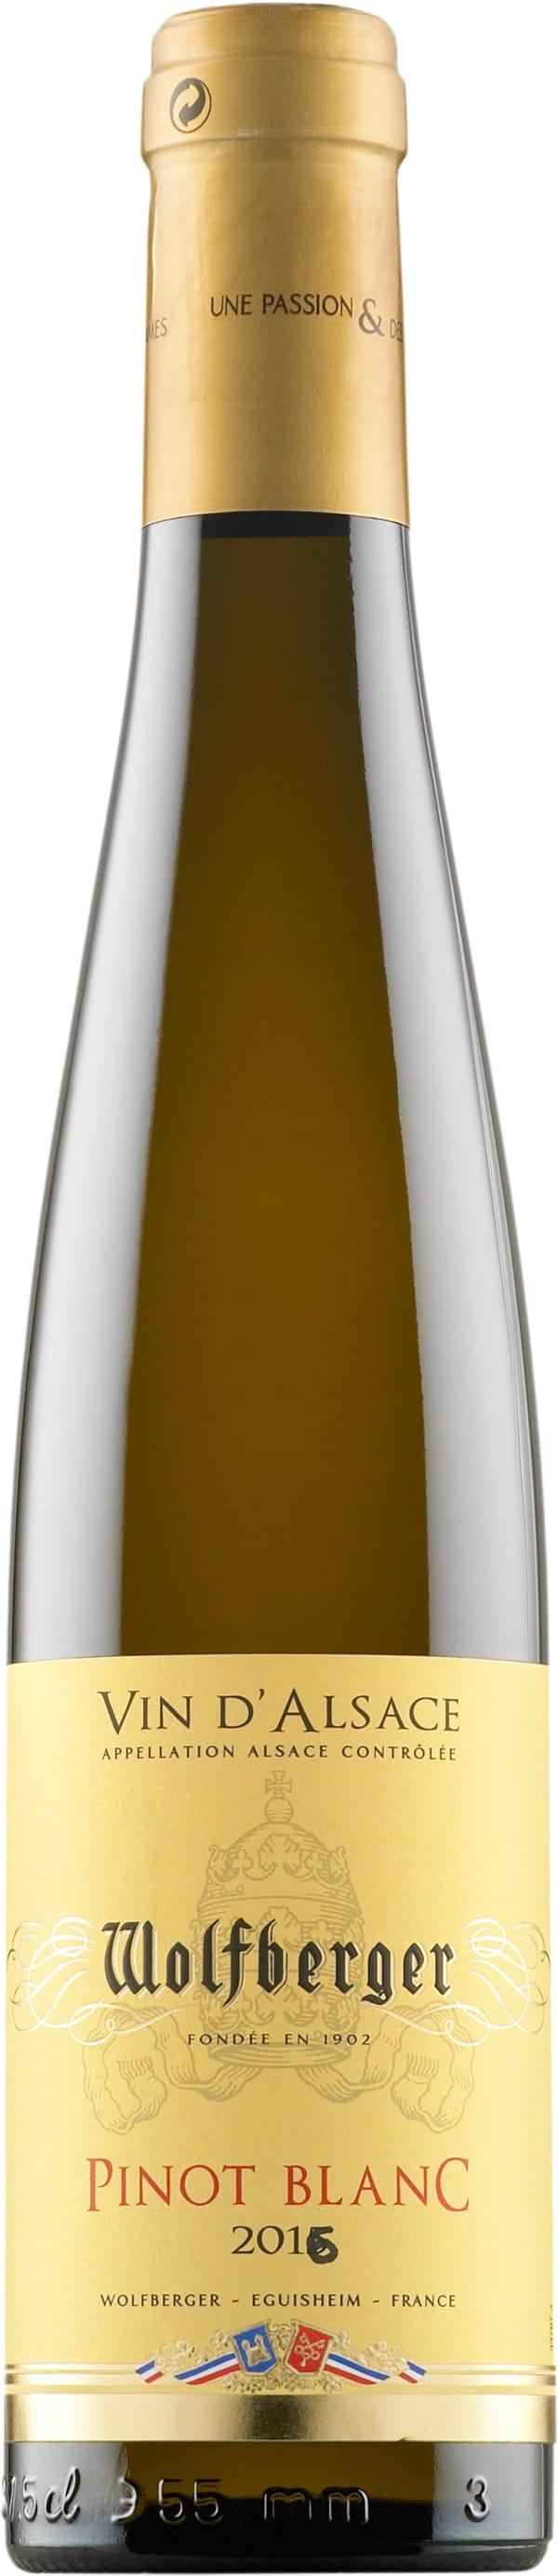 Wolfberger Pinot Blanc 2016